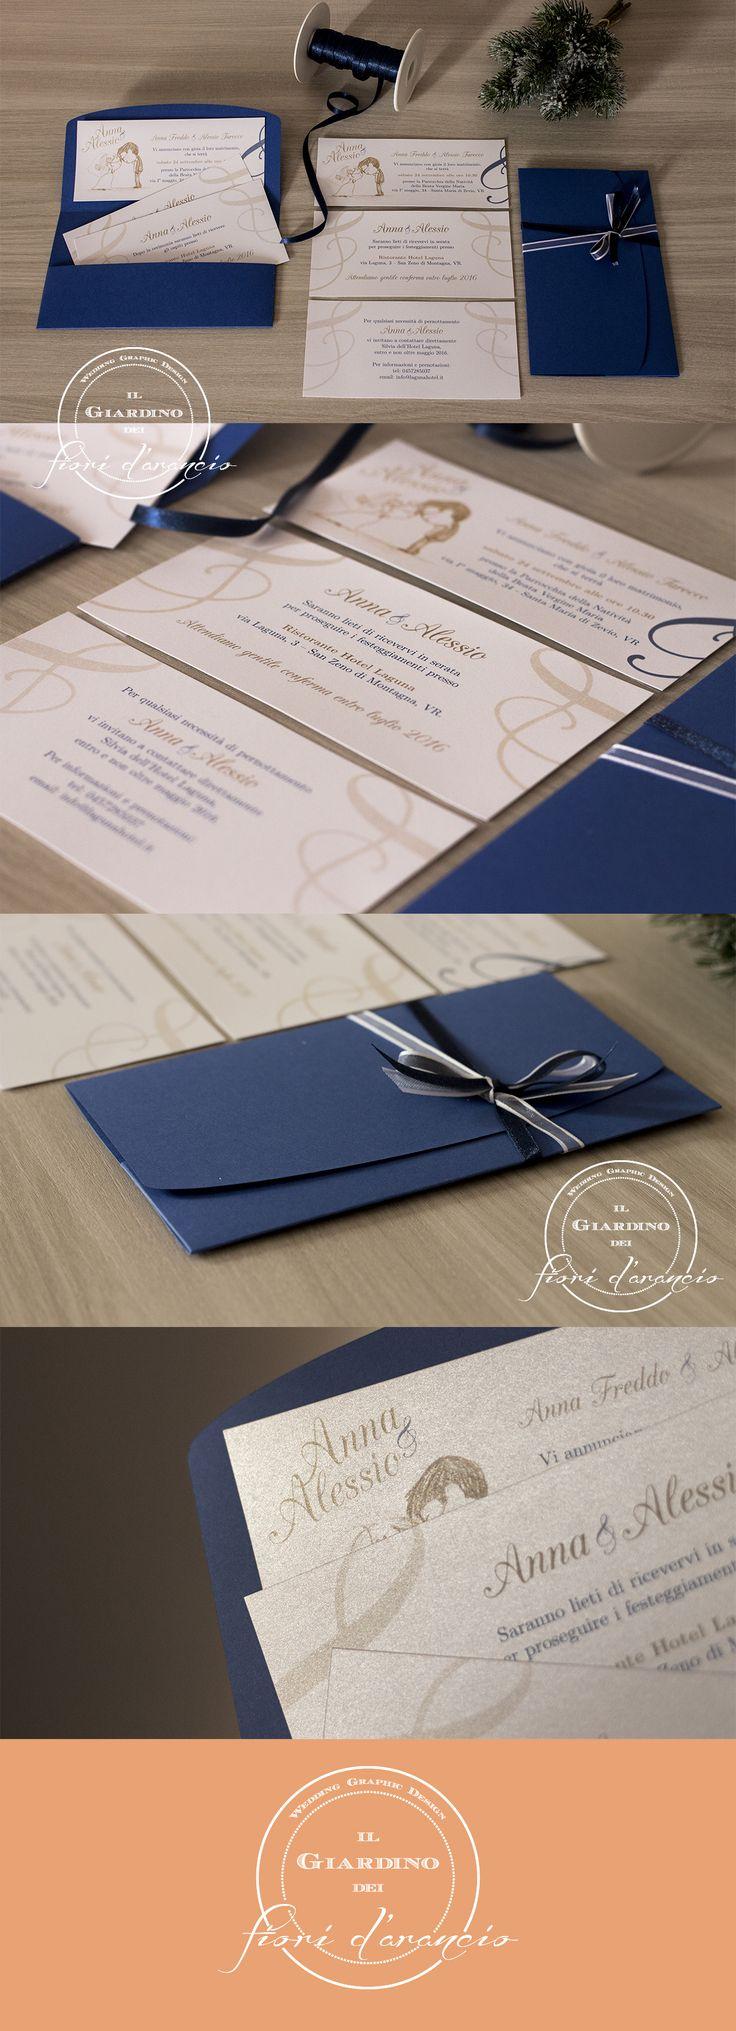 Wedding Invitation Design - Partecipazioni matrimonio personalizzate - Carta FAVINI Burano Blu di Prussia & Majestic Marble White - Elegant, romantic